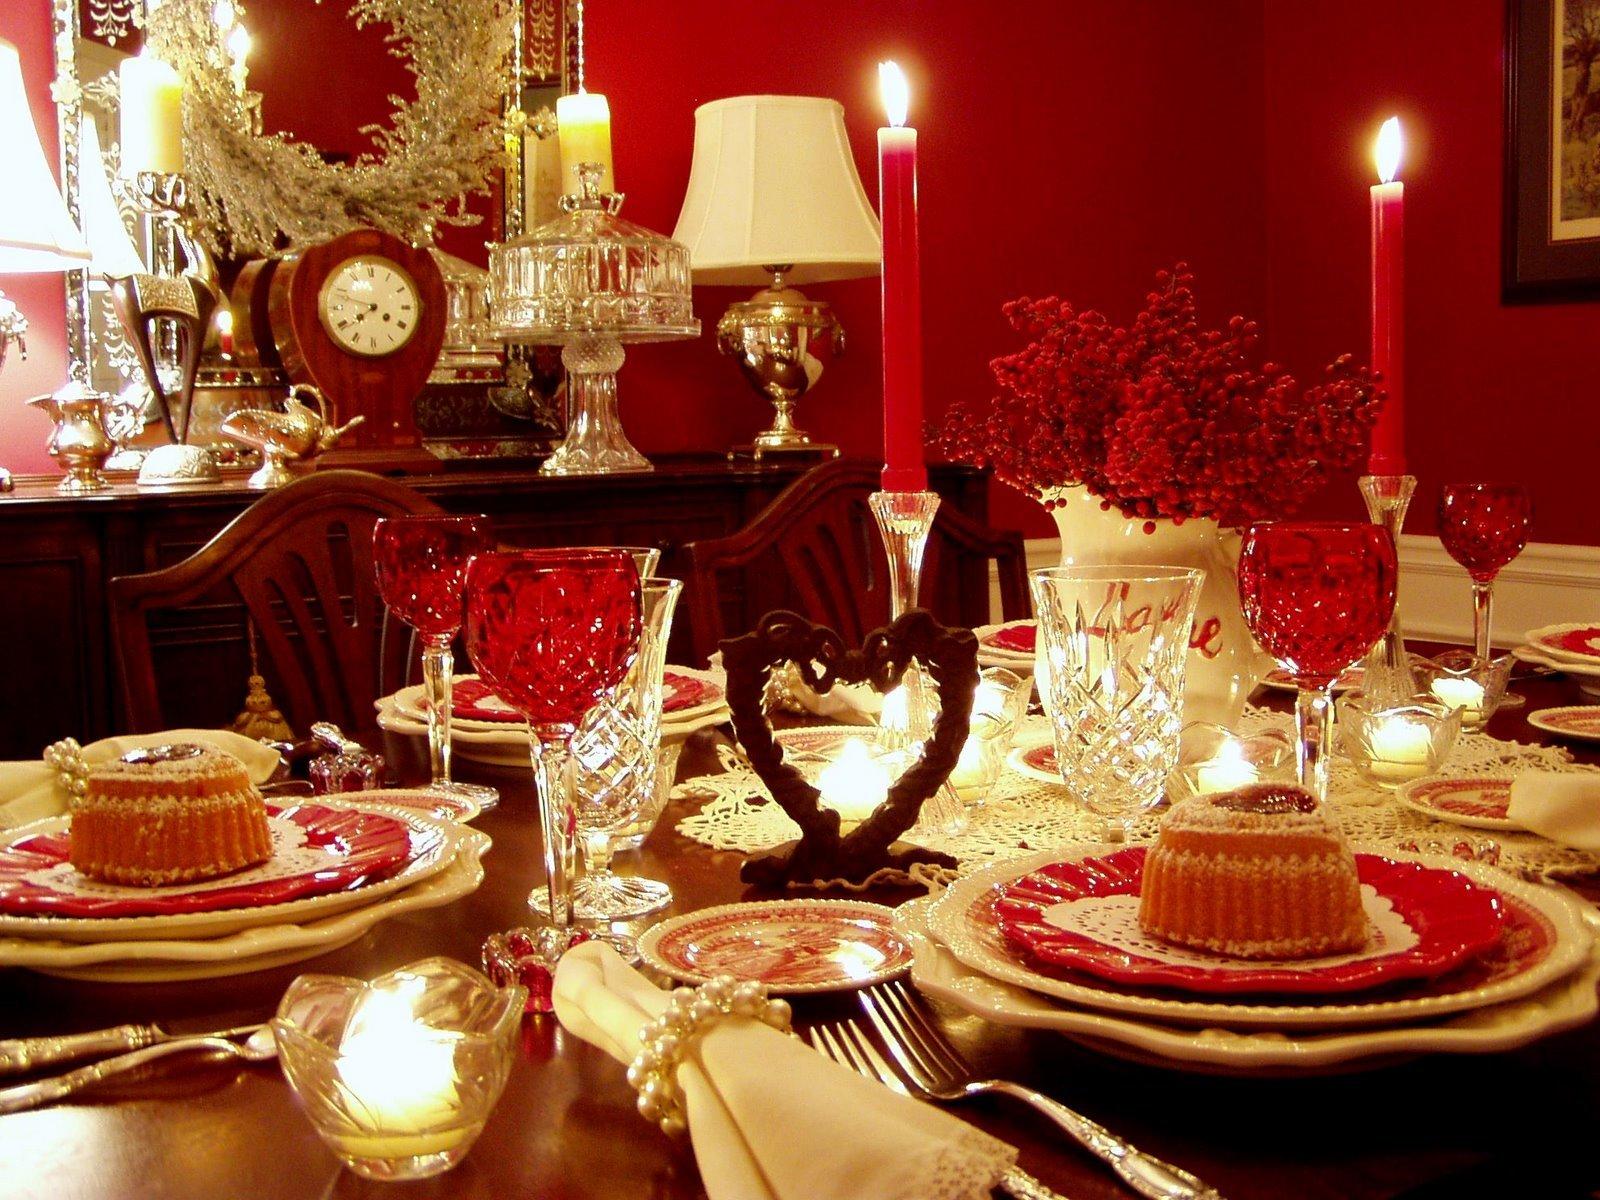 Оформите интерьер в романтическом стиле, добавьте декоративные сердечки, свечи, корзиночки с цветами, гирлянды и шары.